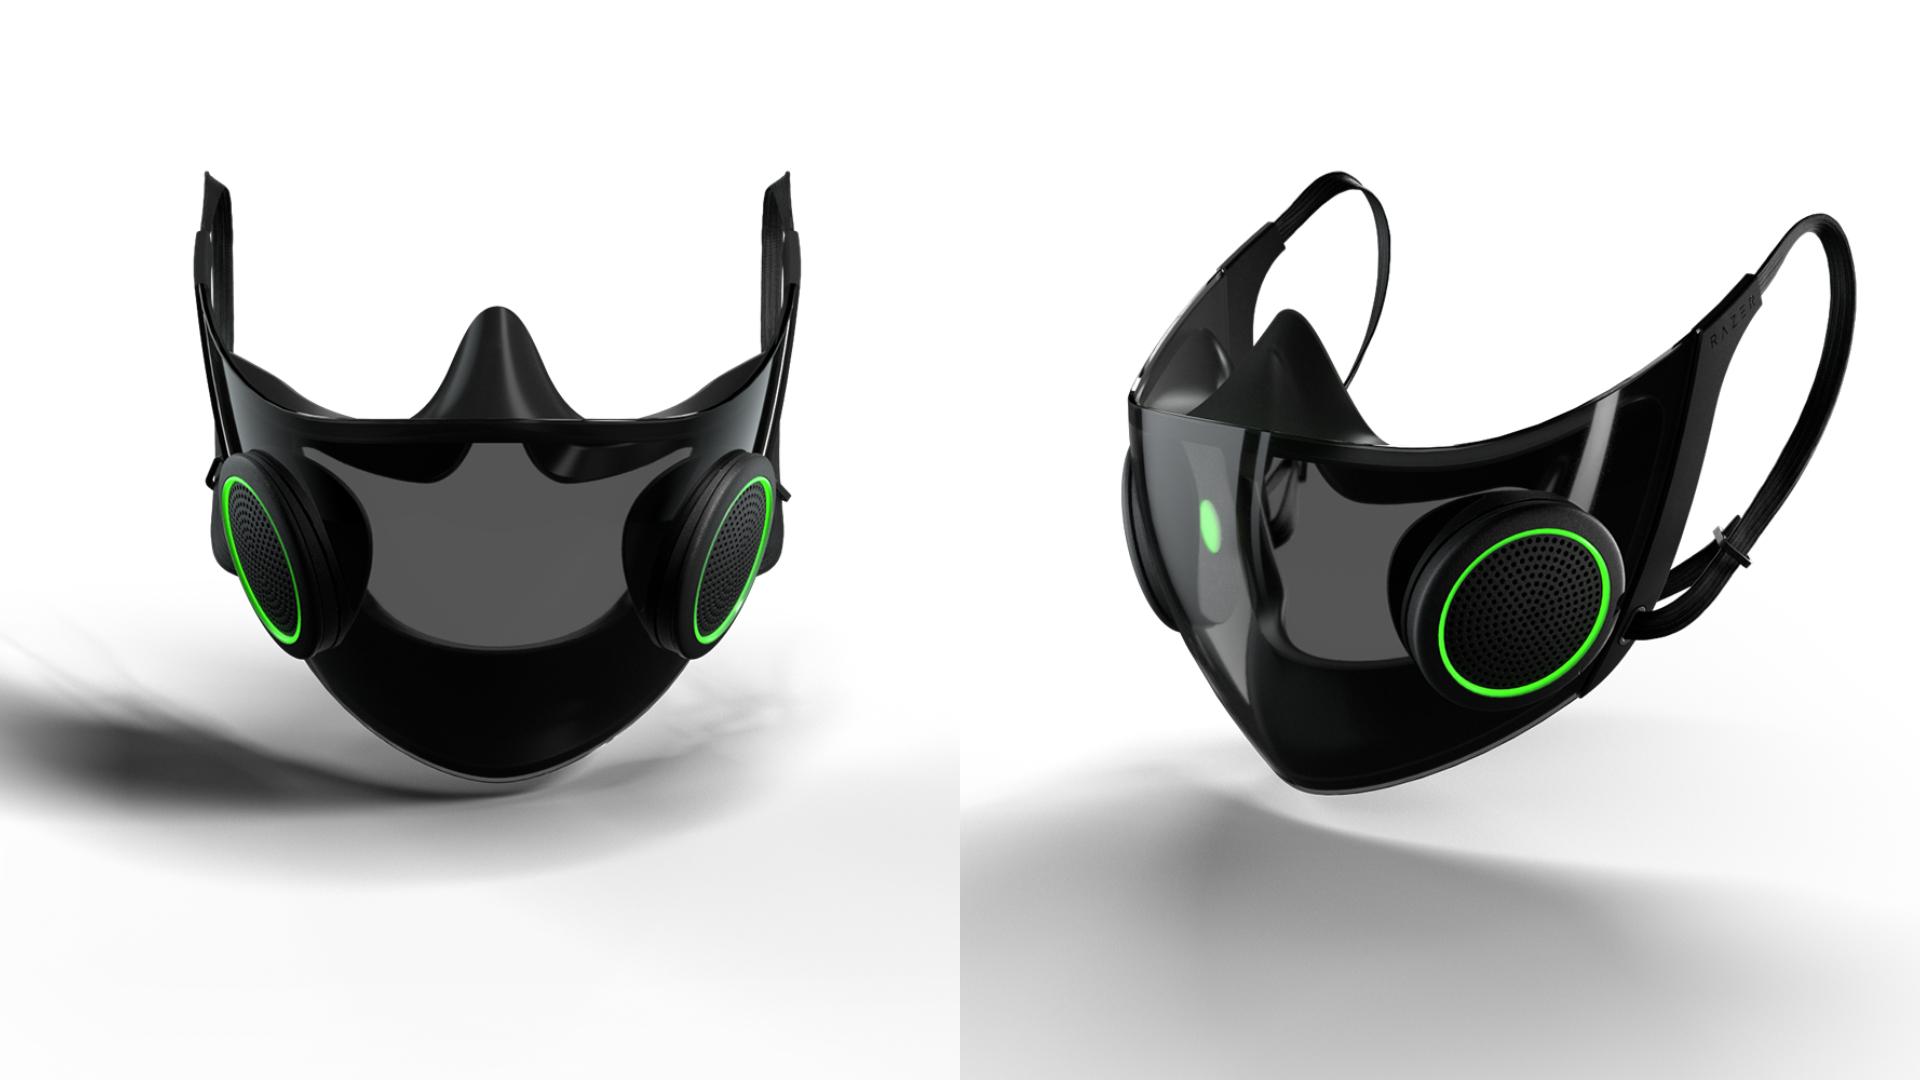 Pelitup muka Razer mempunyai penguat suara dan RGB